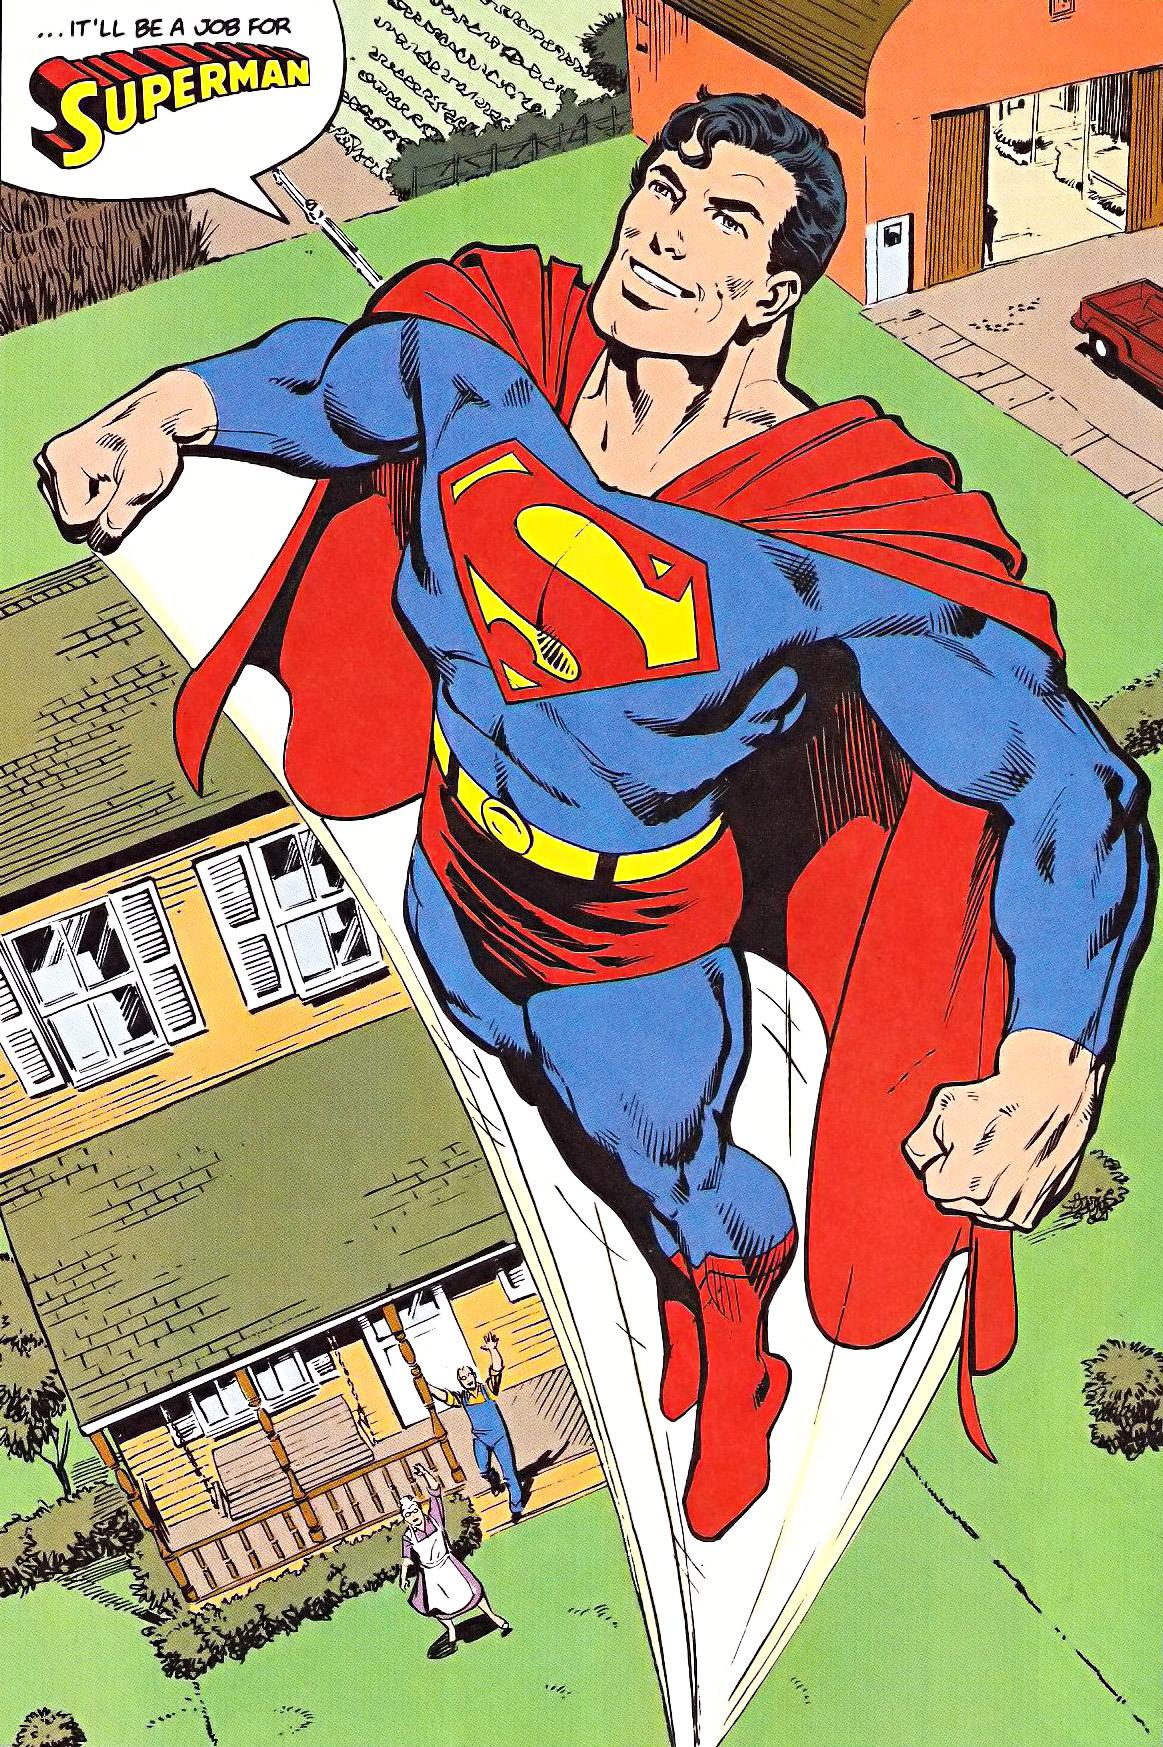 images.wikia.com/marvel_dc/images/a/af/Superman_0036.jpg